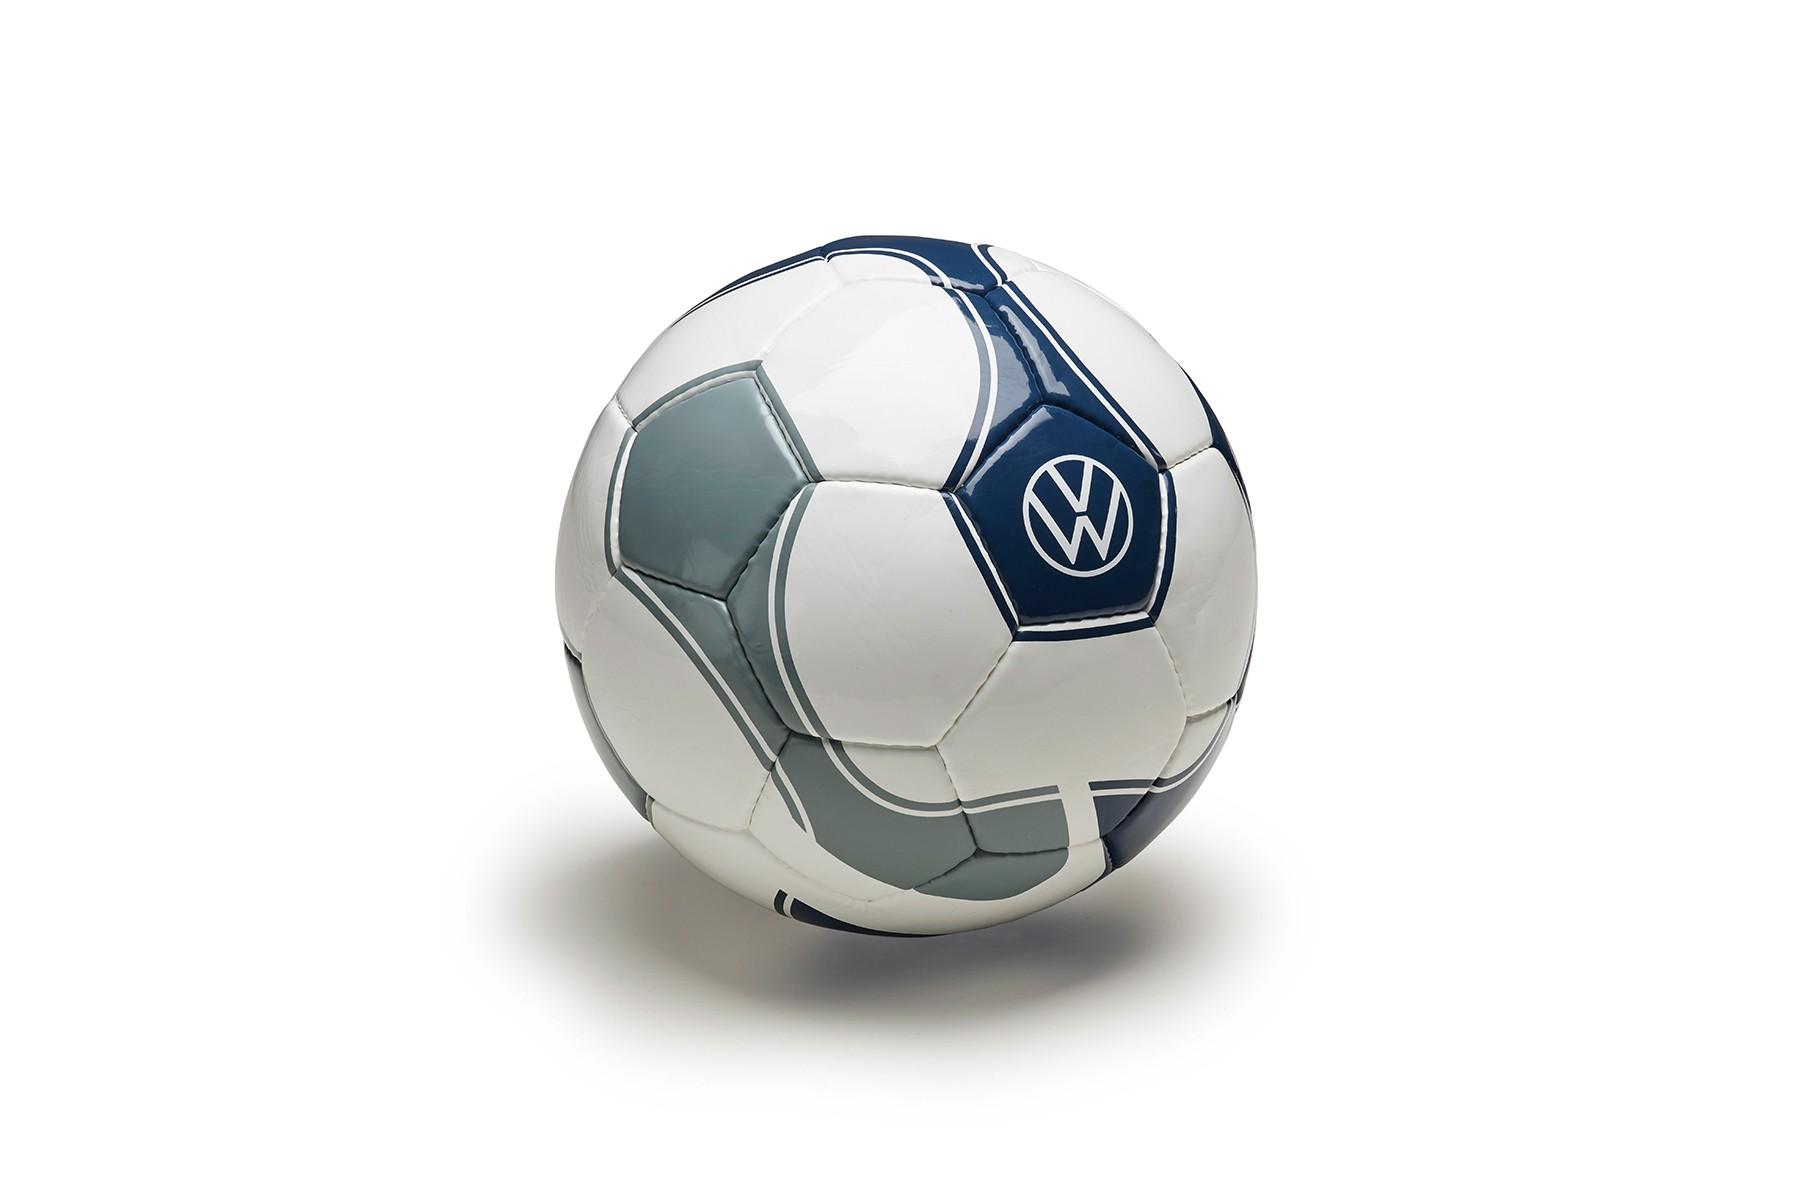 Piłka nożna wzór FIFA, nowe logo VW